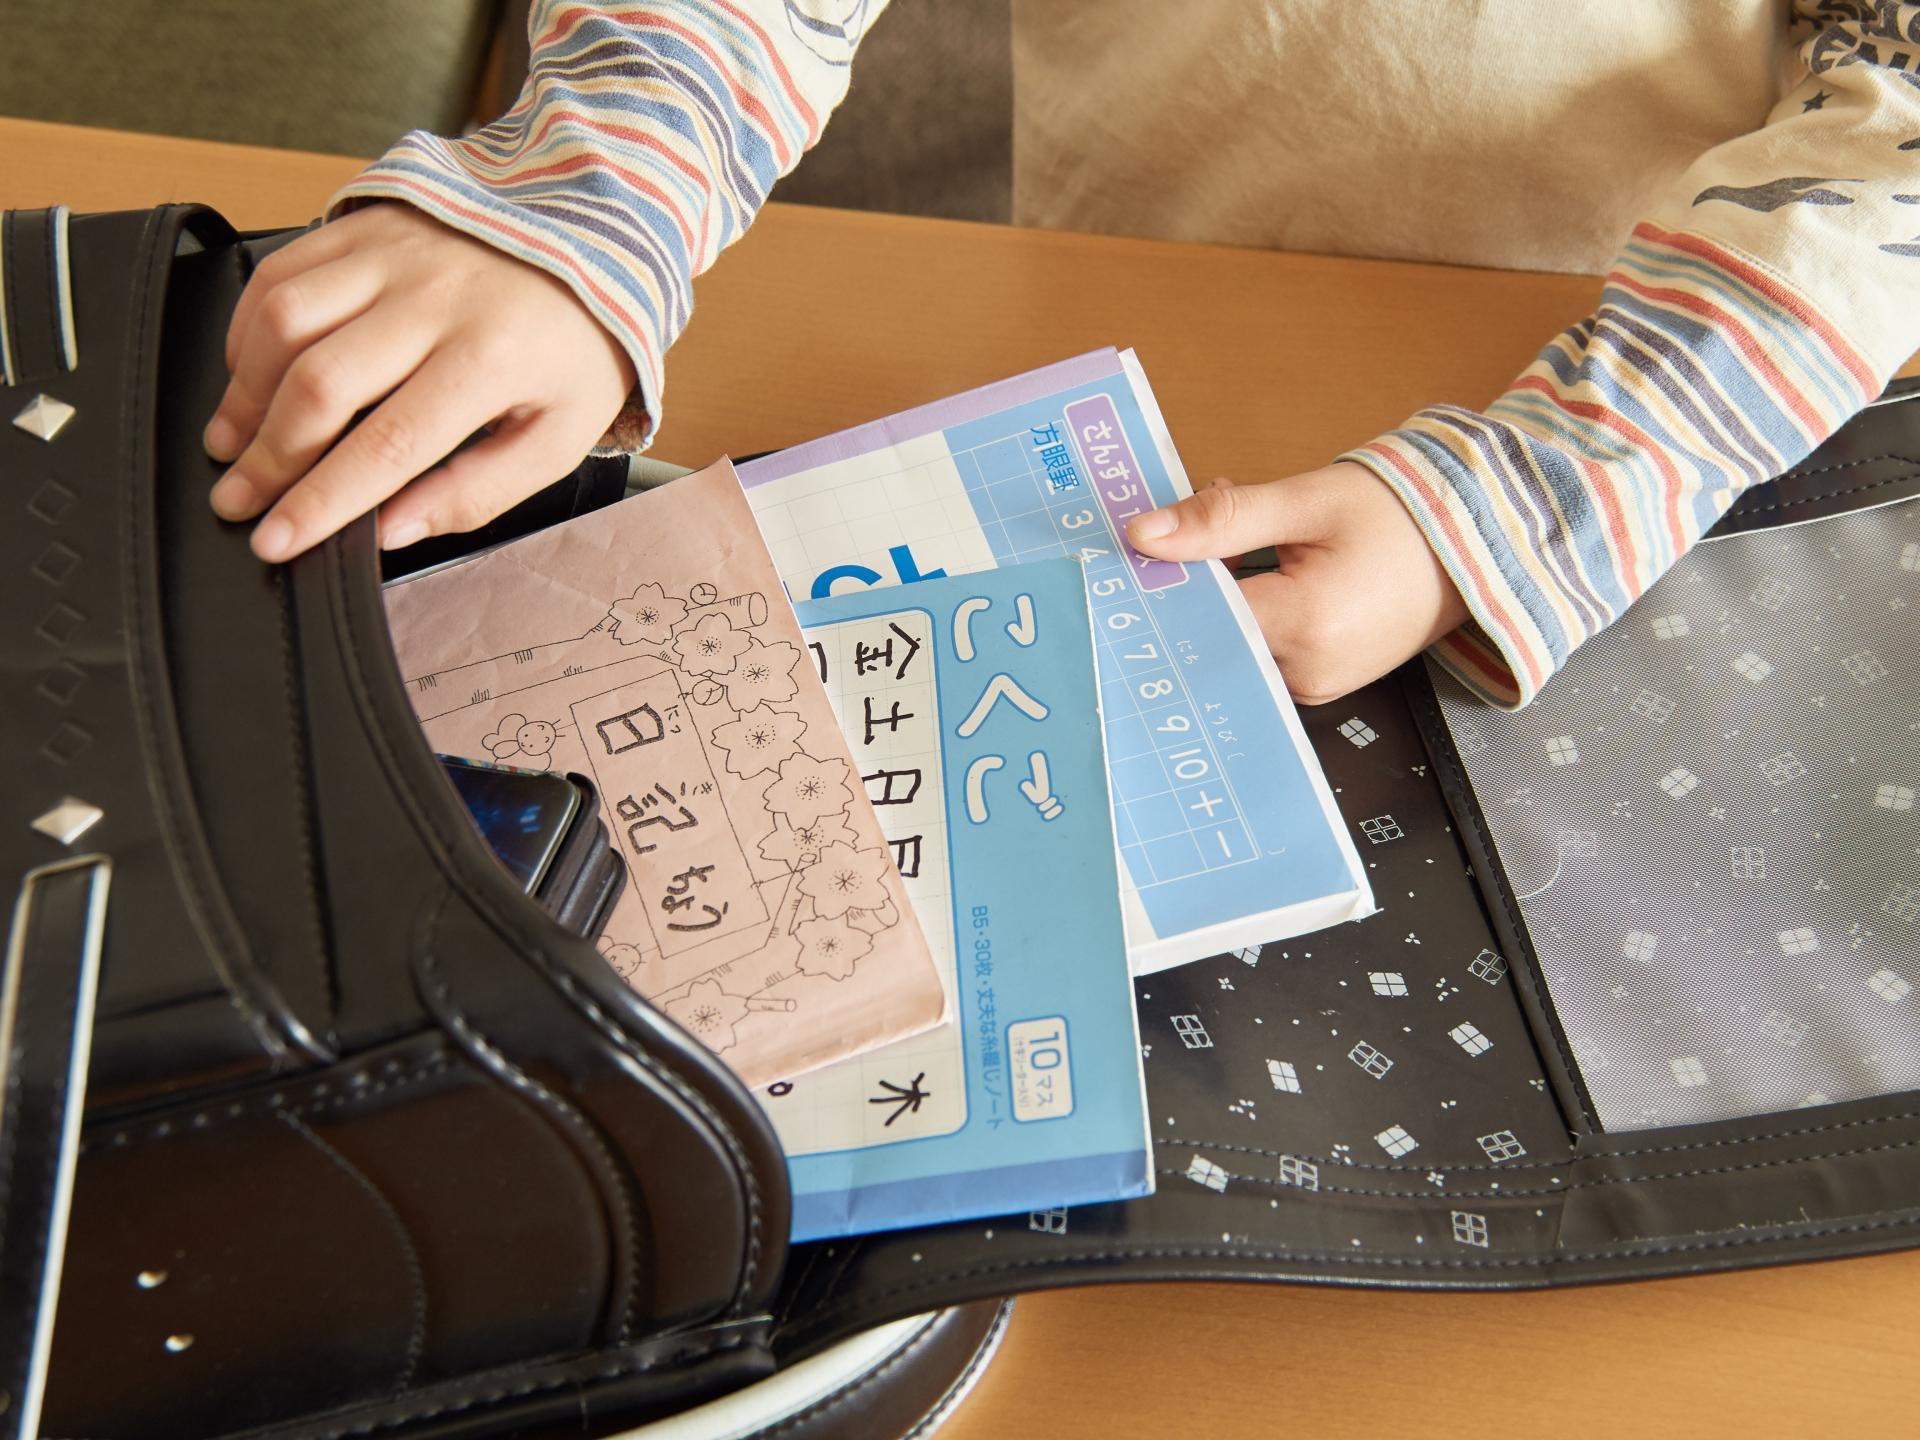 「プログラミング」必修化で小学校の教科書はどう変わる?